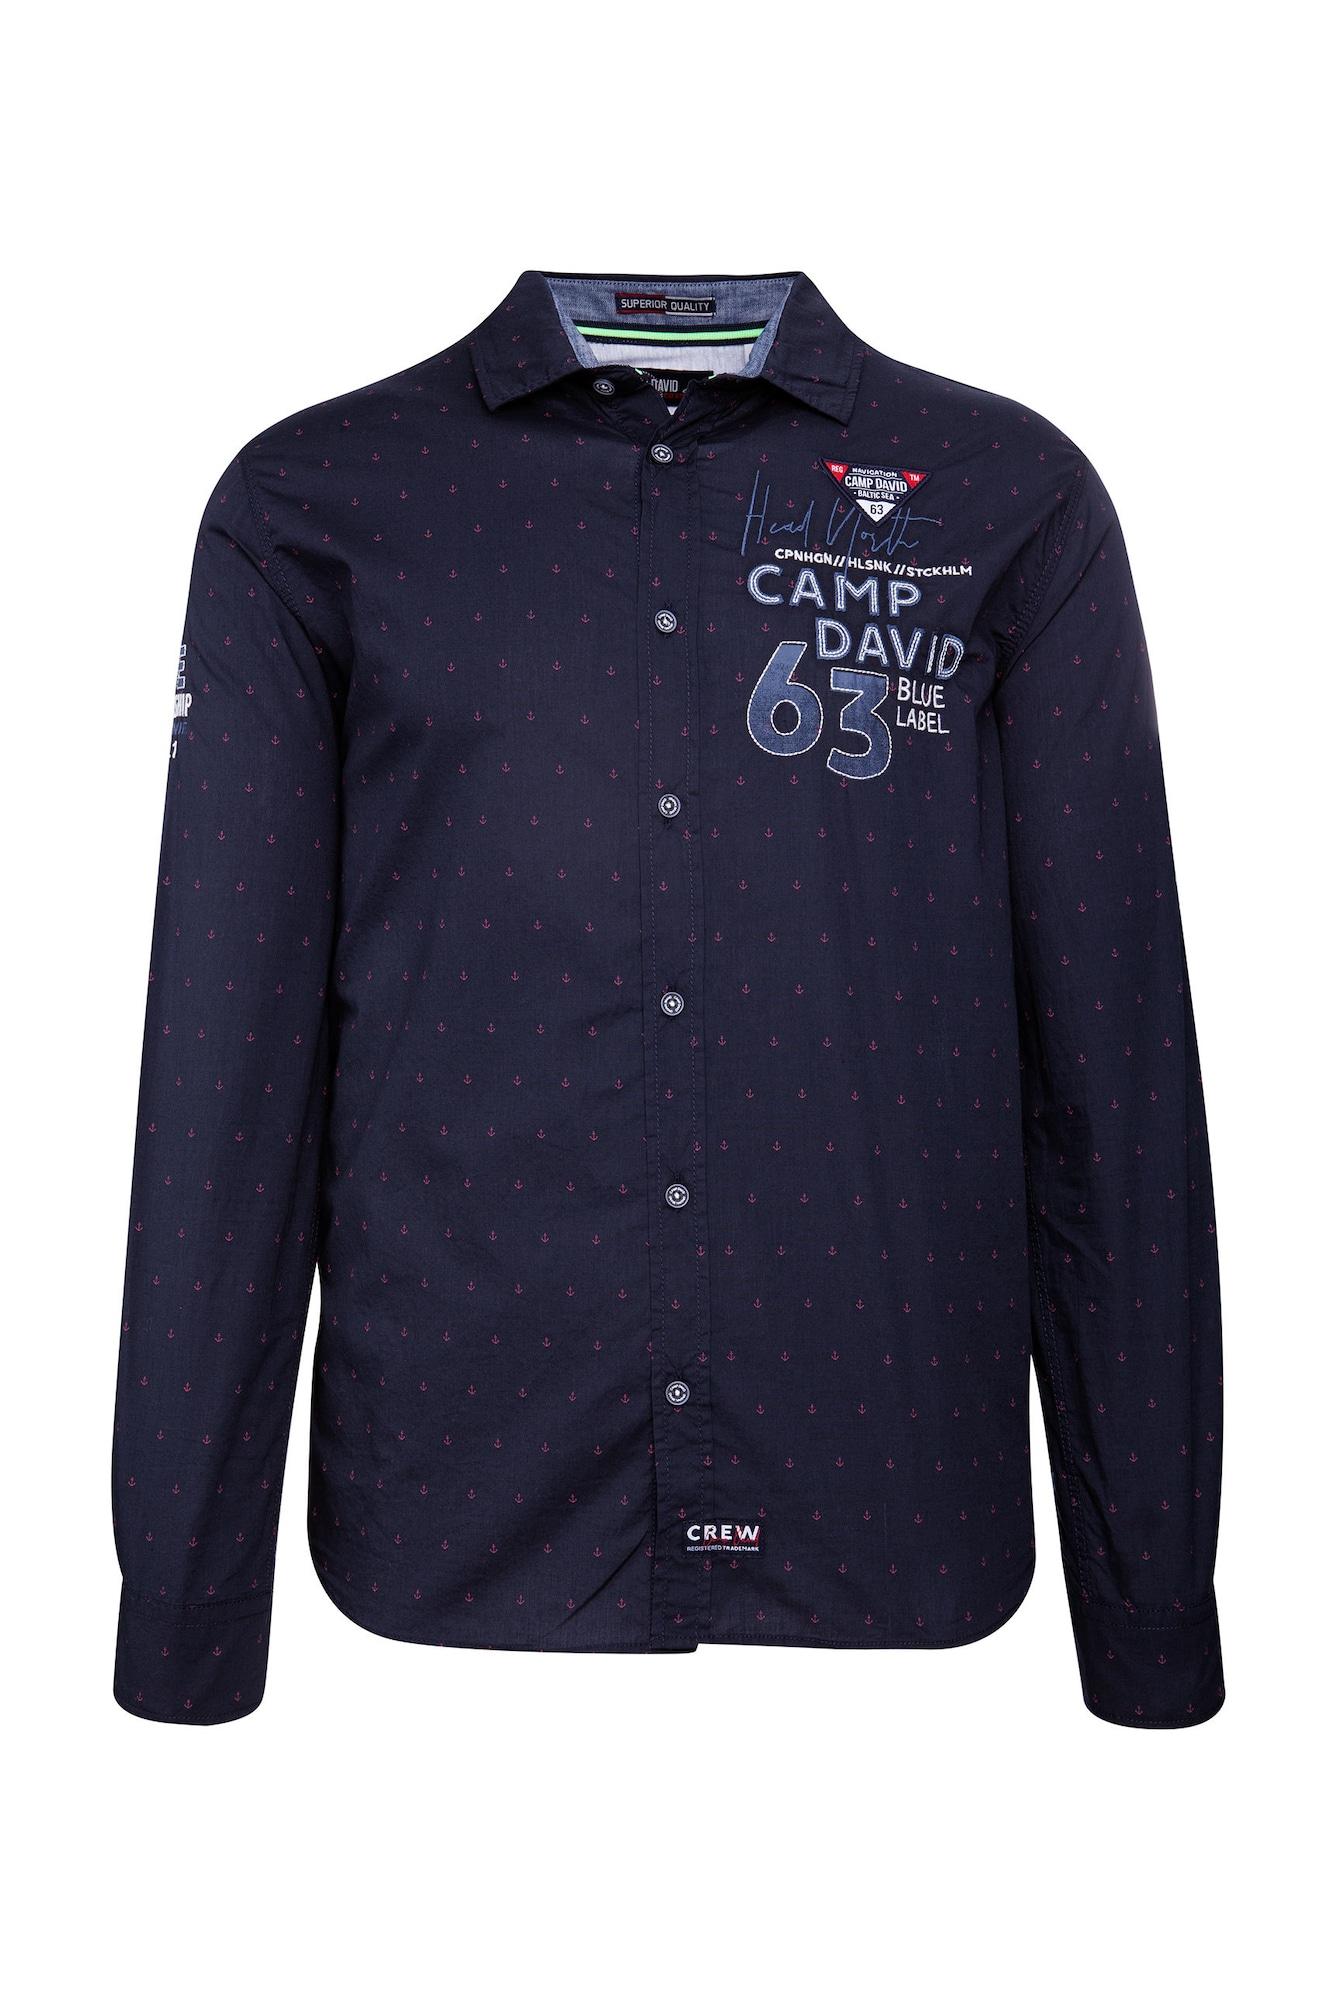 Košile tmavě modrá pink bílá CAMP DAVID